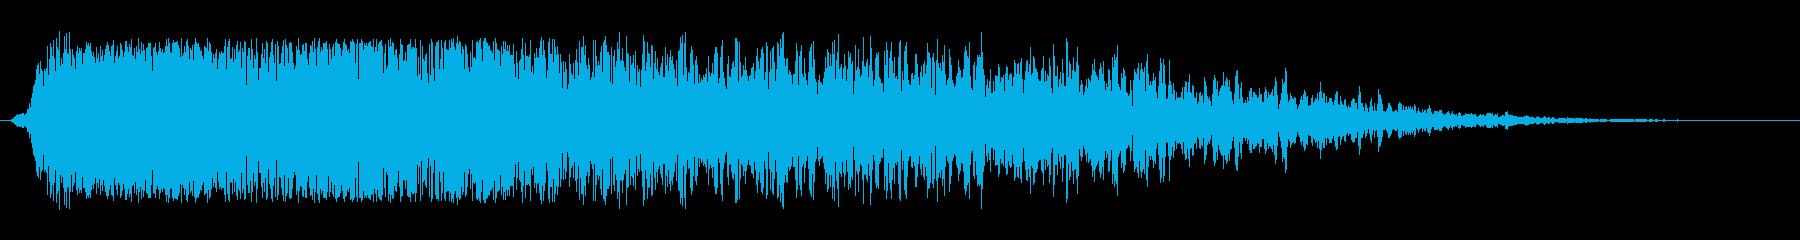 工場のコンプレッサー音の再生済みの波形